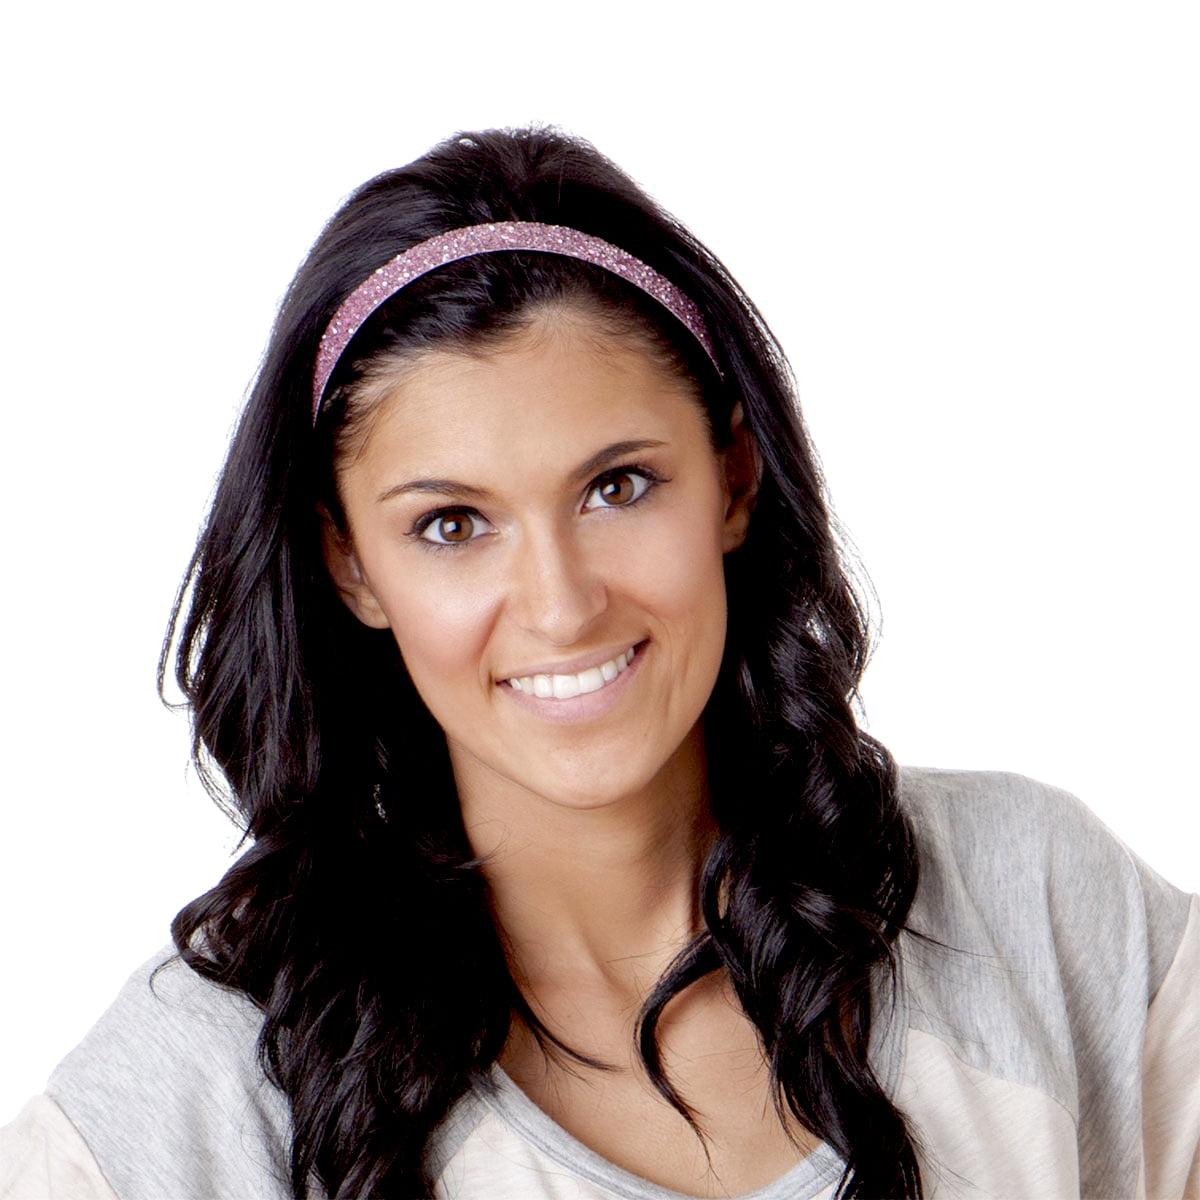 Hipsy Women's Adjustable NO SLIP Skinny Bling Glitter Headband (Light Pink)